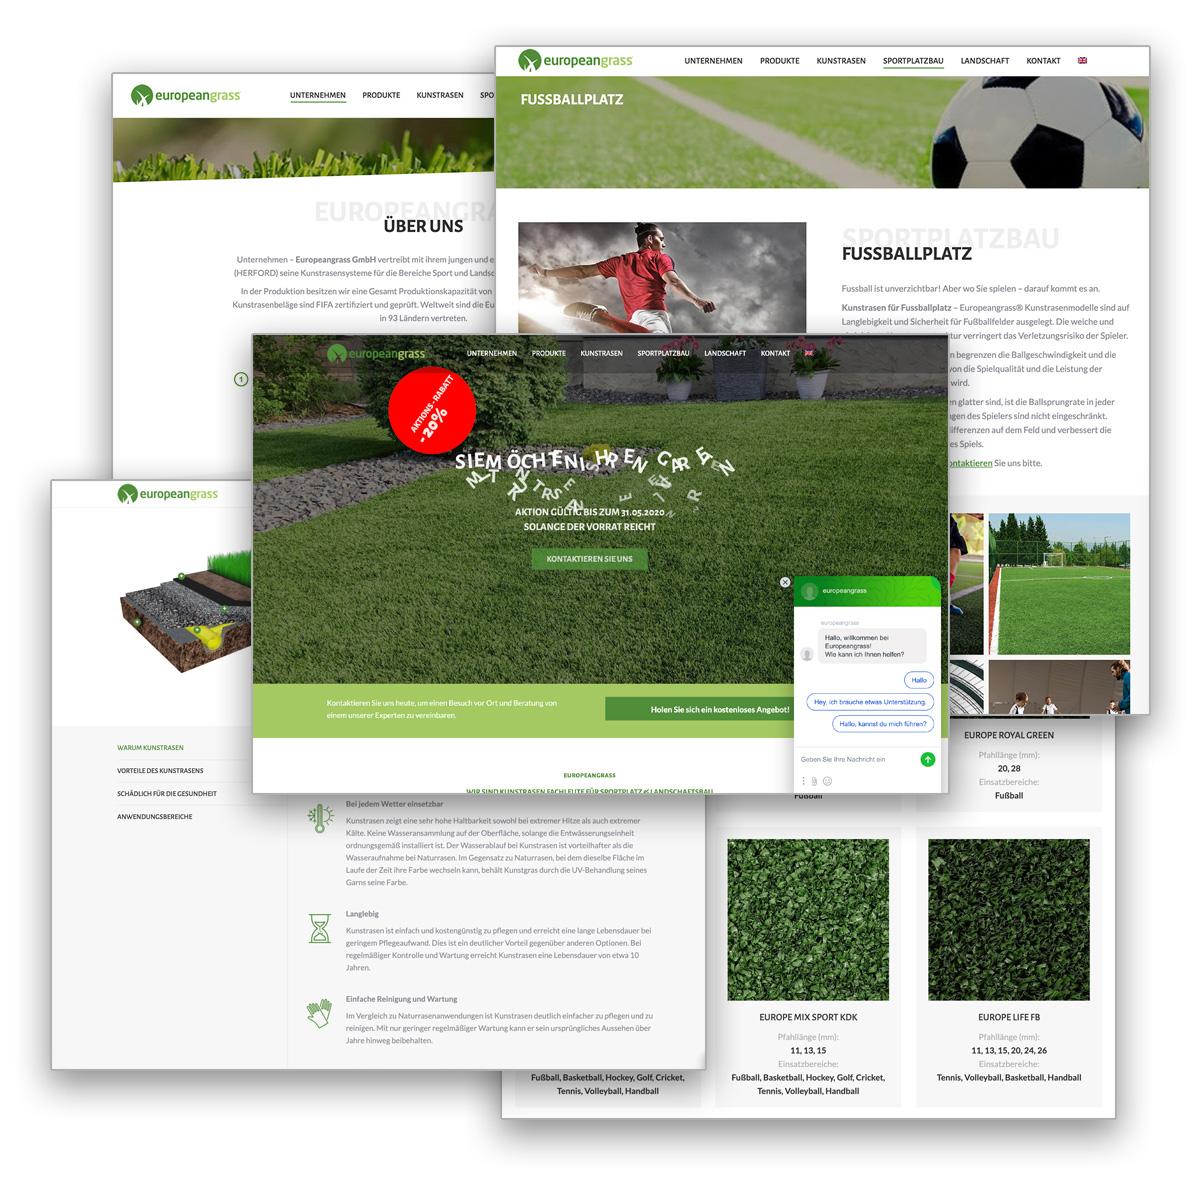 europeangrass website s